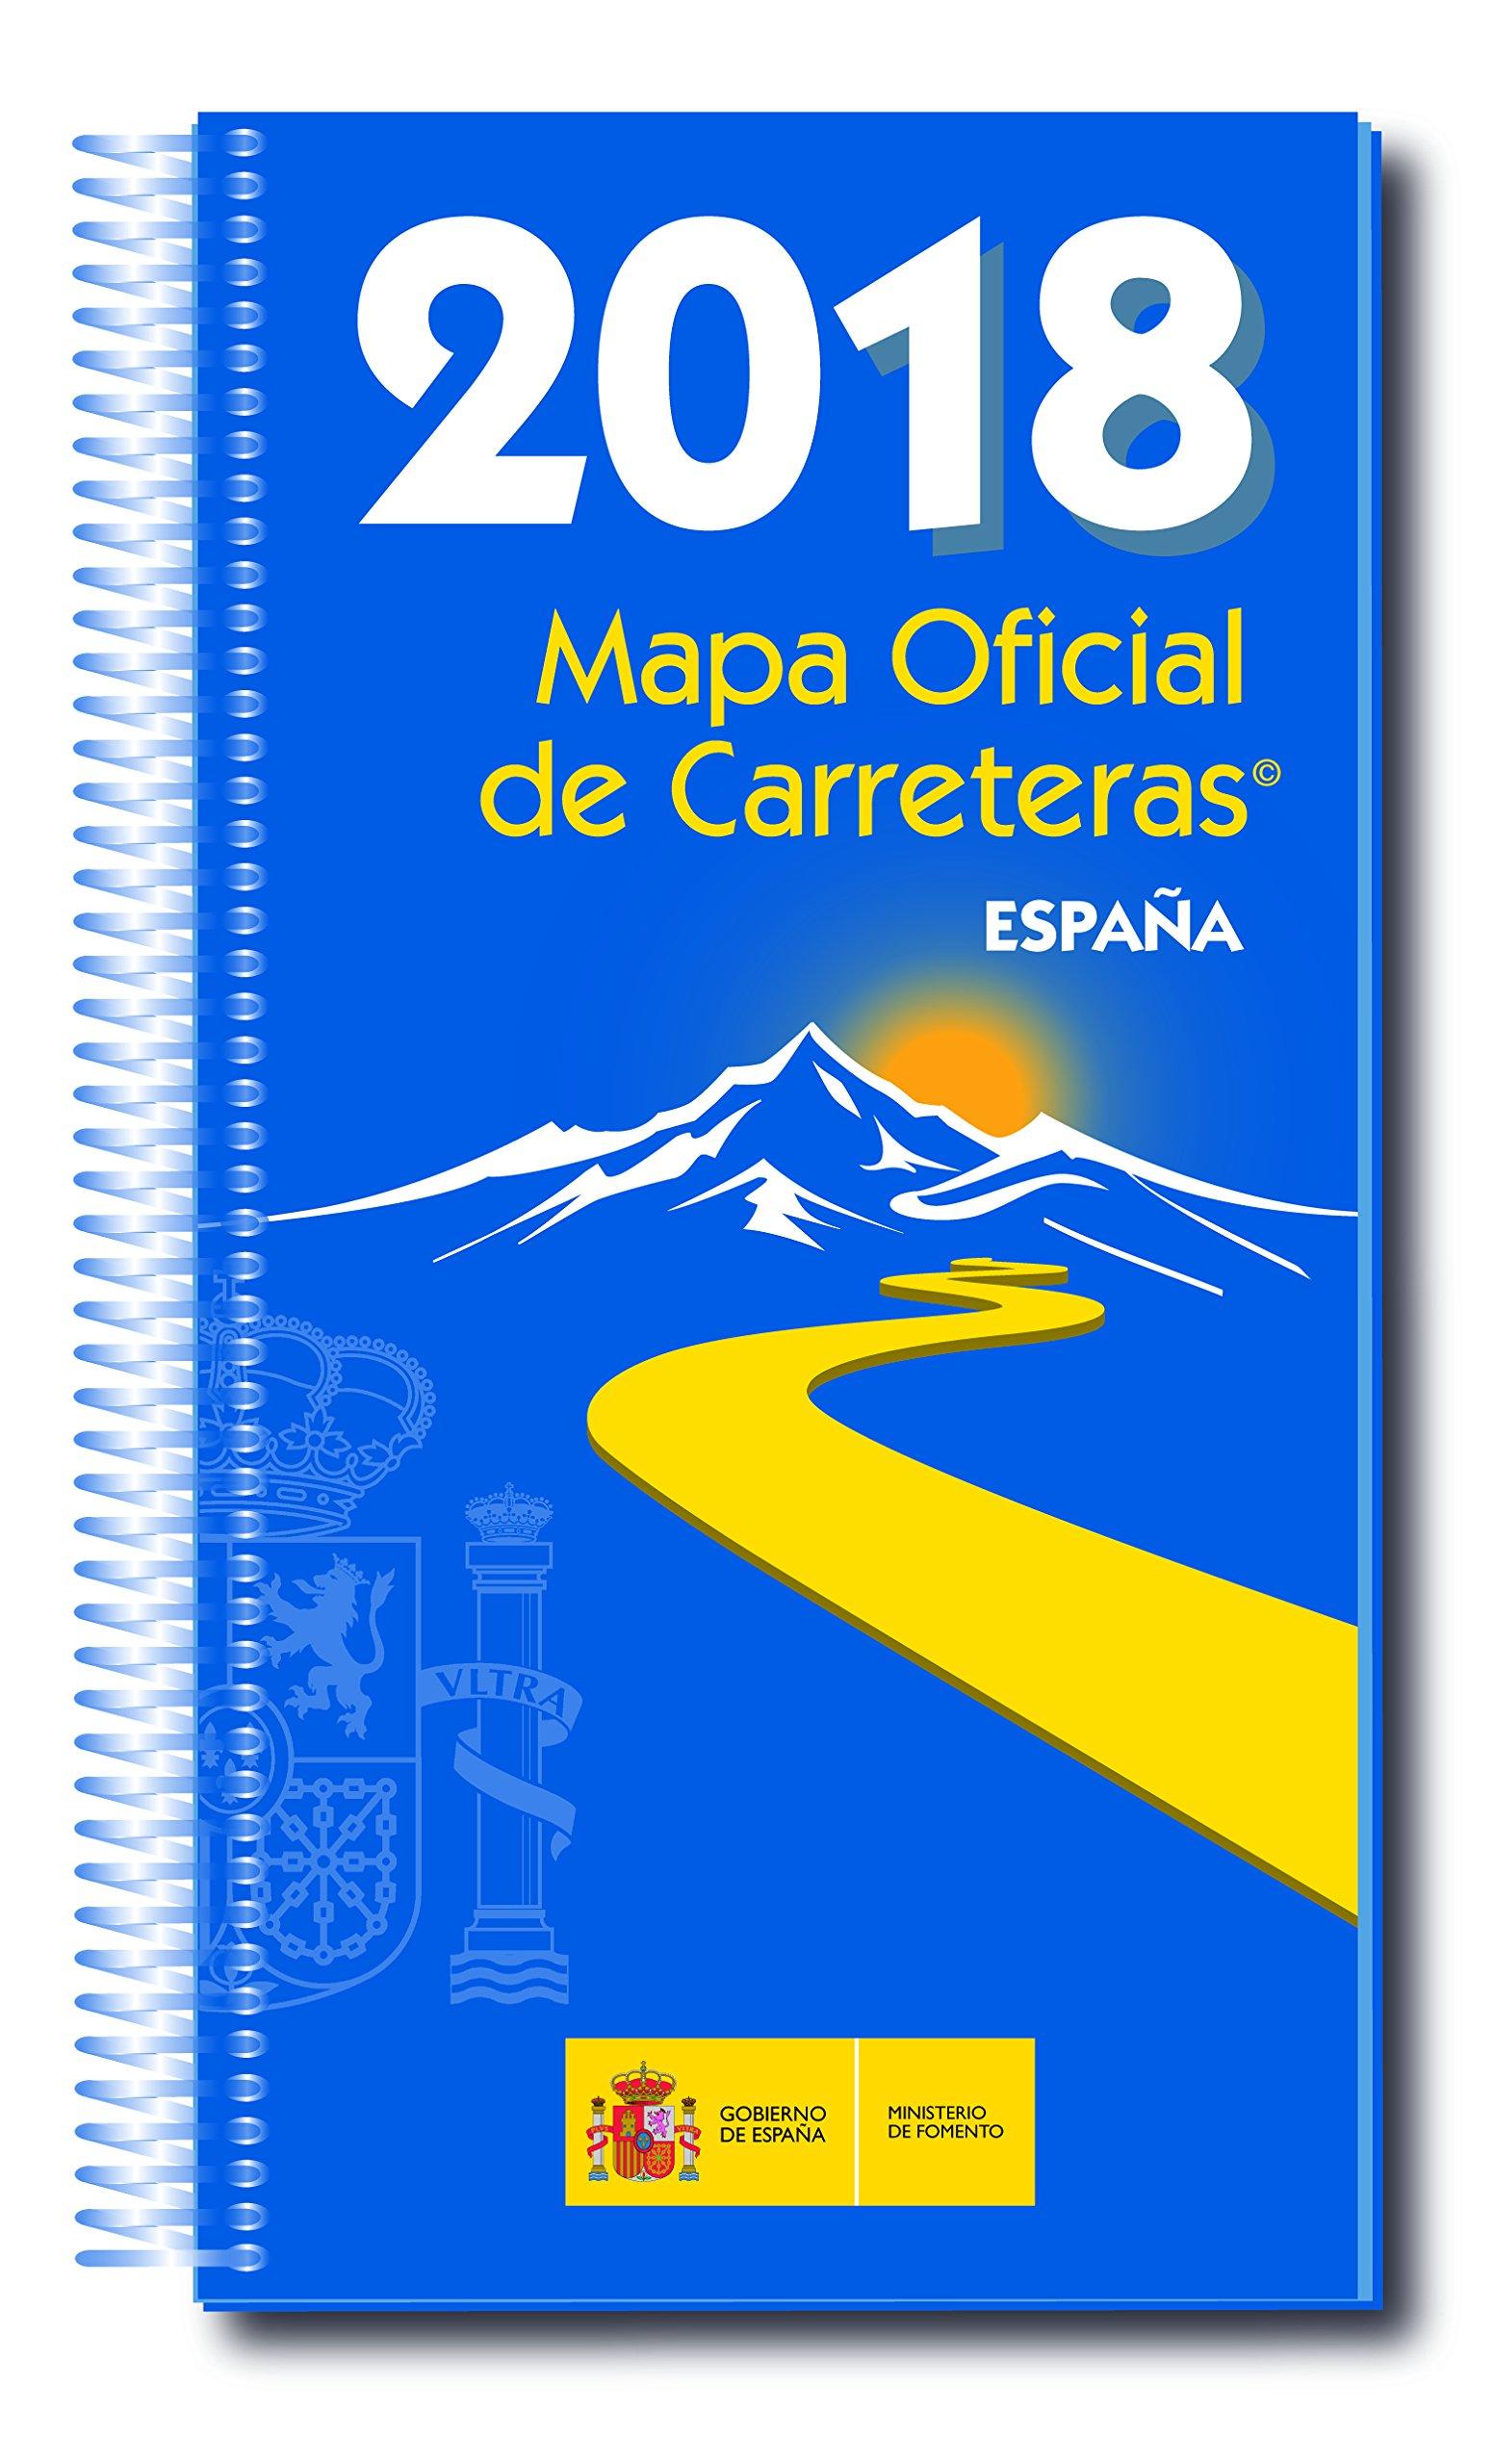 Mapa Carreteras España 2018.Mapa Oficial Carreteras Espana 2018 Inc Dvd 53 Ed M